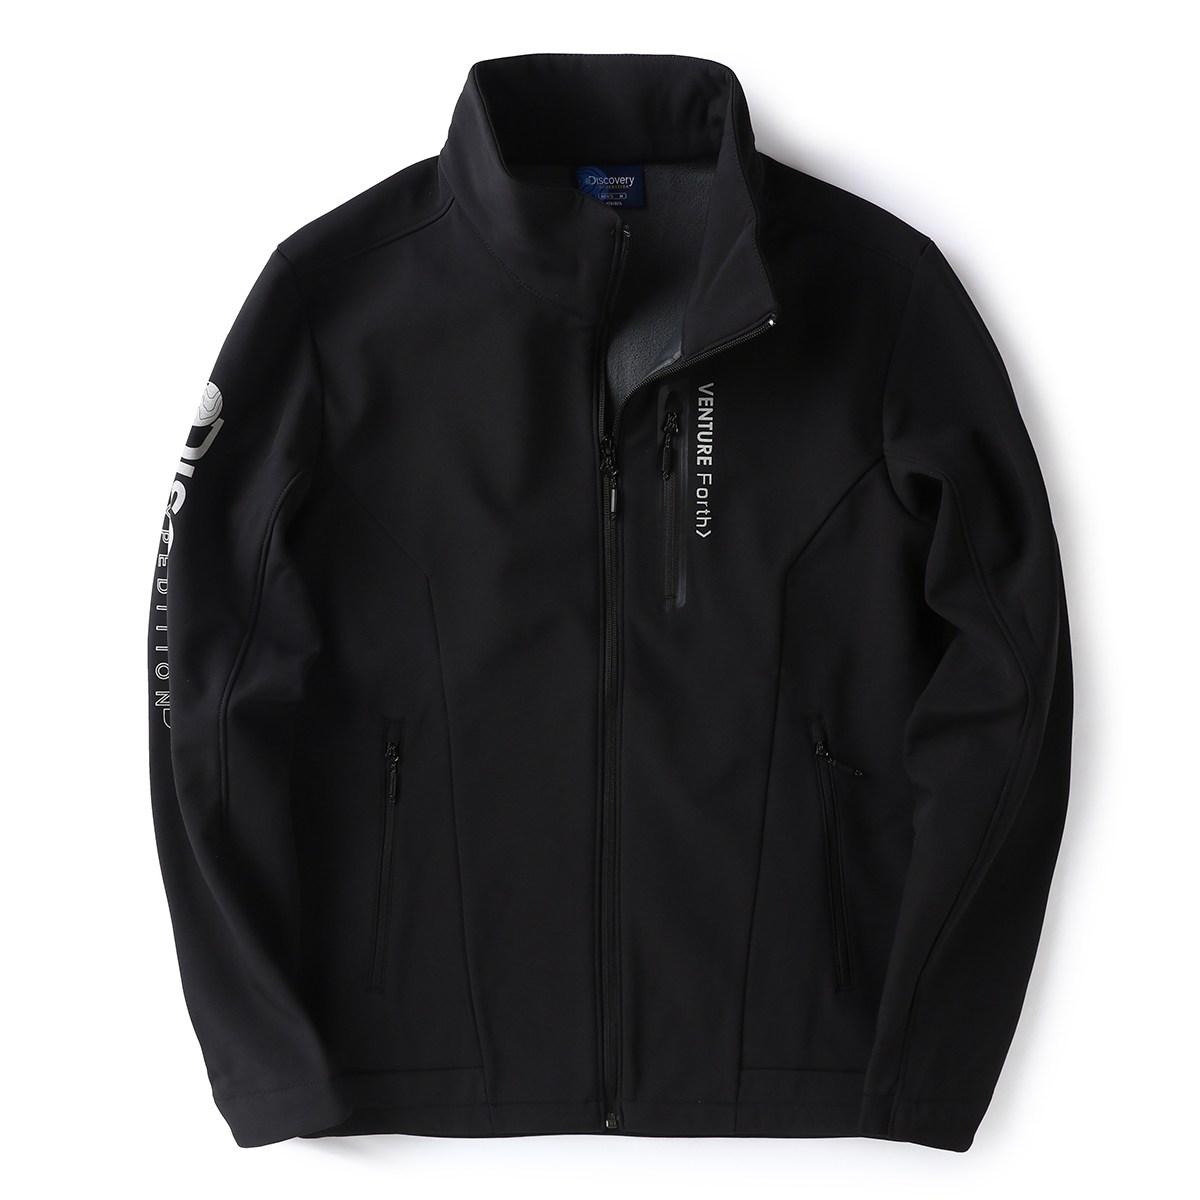 디스커버리 남자 바람막이 남성 등산 자켓 집업 경량 재킷 방풍